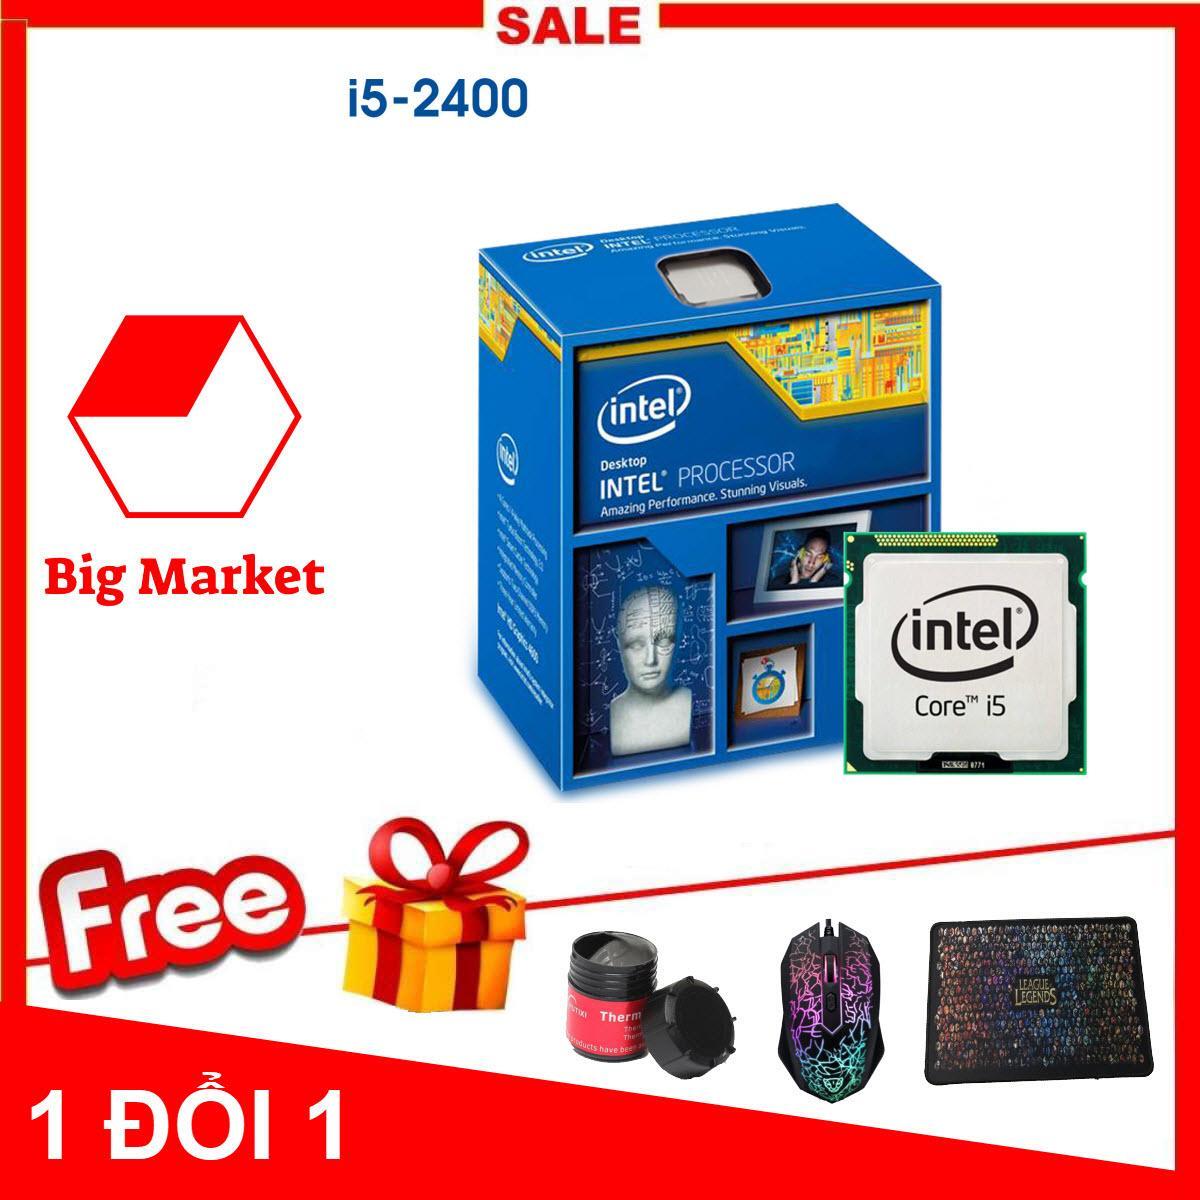 Bộ vi xử lý Intel Core I5 2400 (4 lõi - 4 luồng) + Bộ Quà Tặng - Hàng Nhập Khẩu